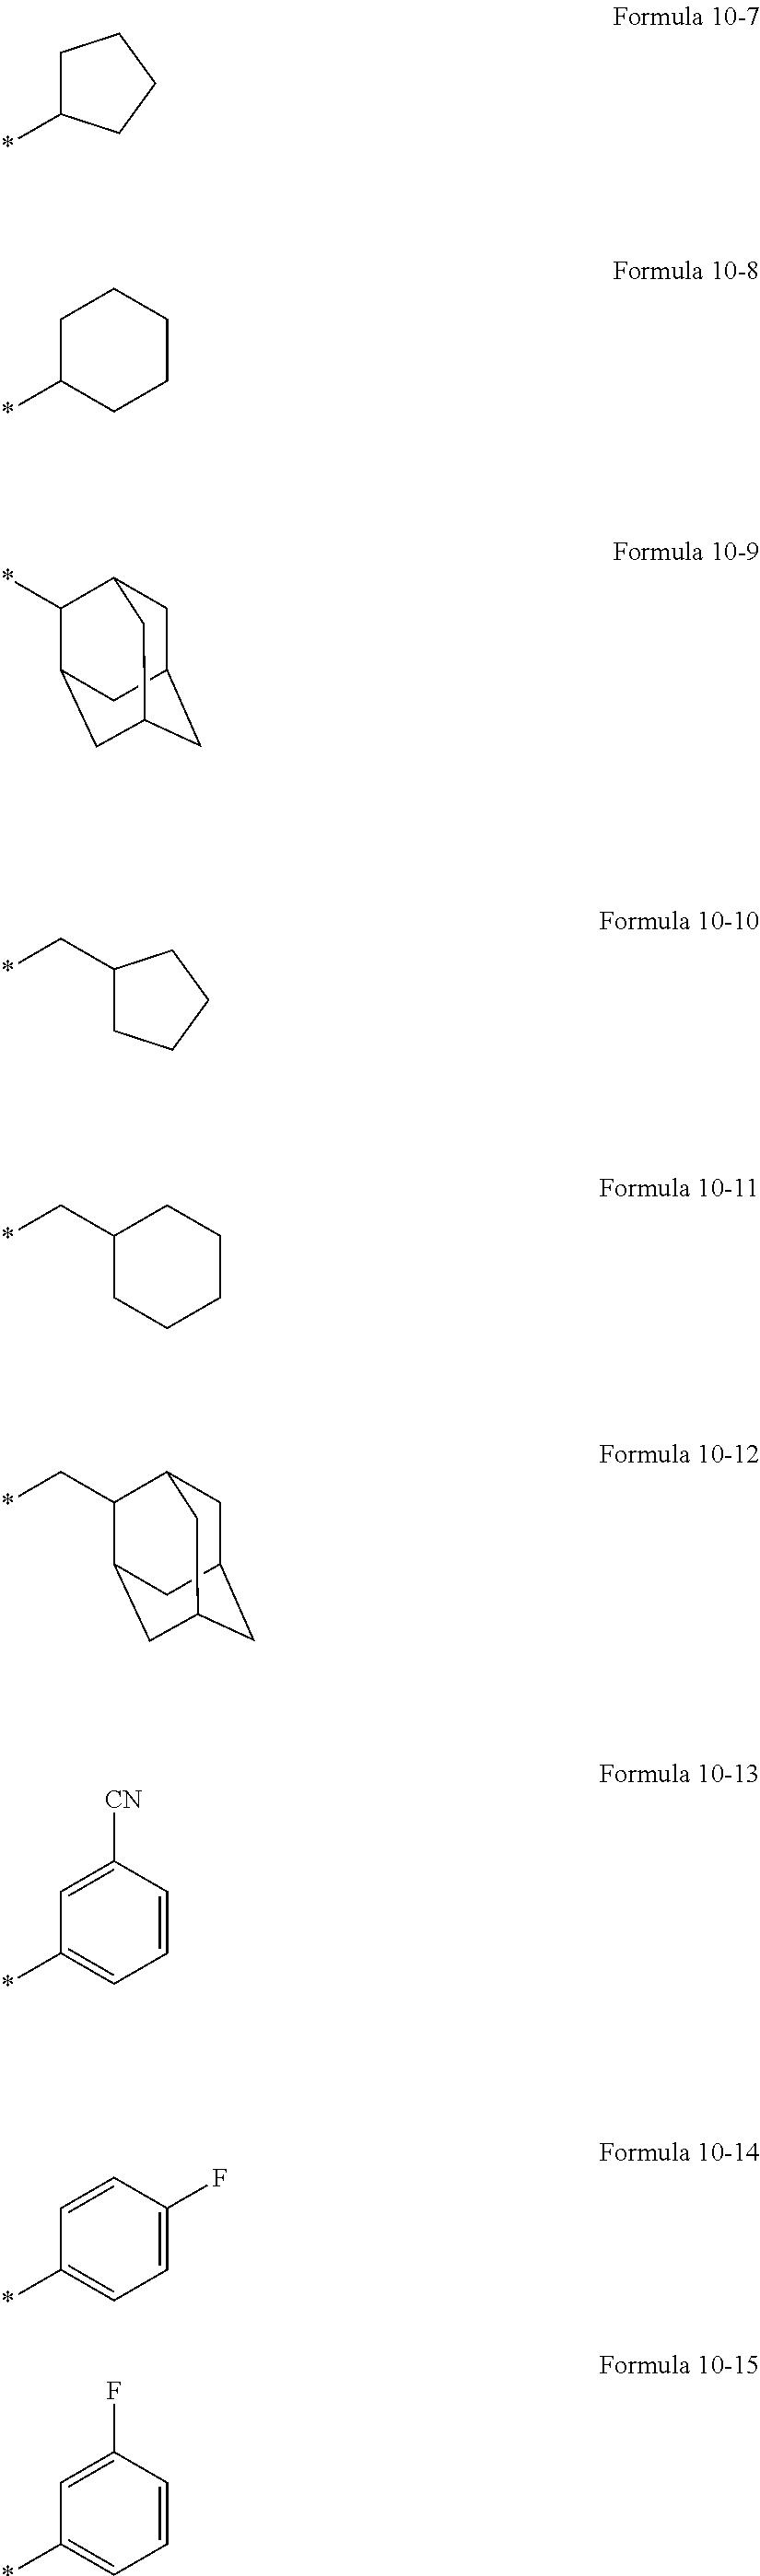 Figure US20160155962A1-20160602-C00005